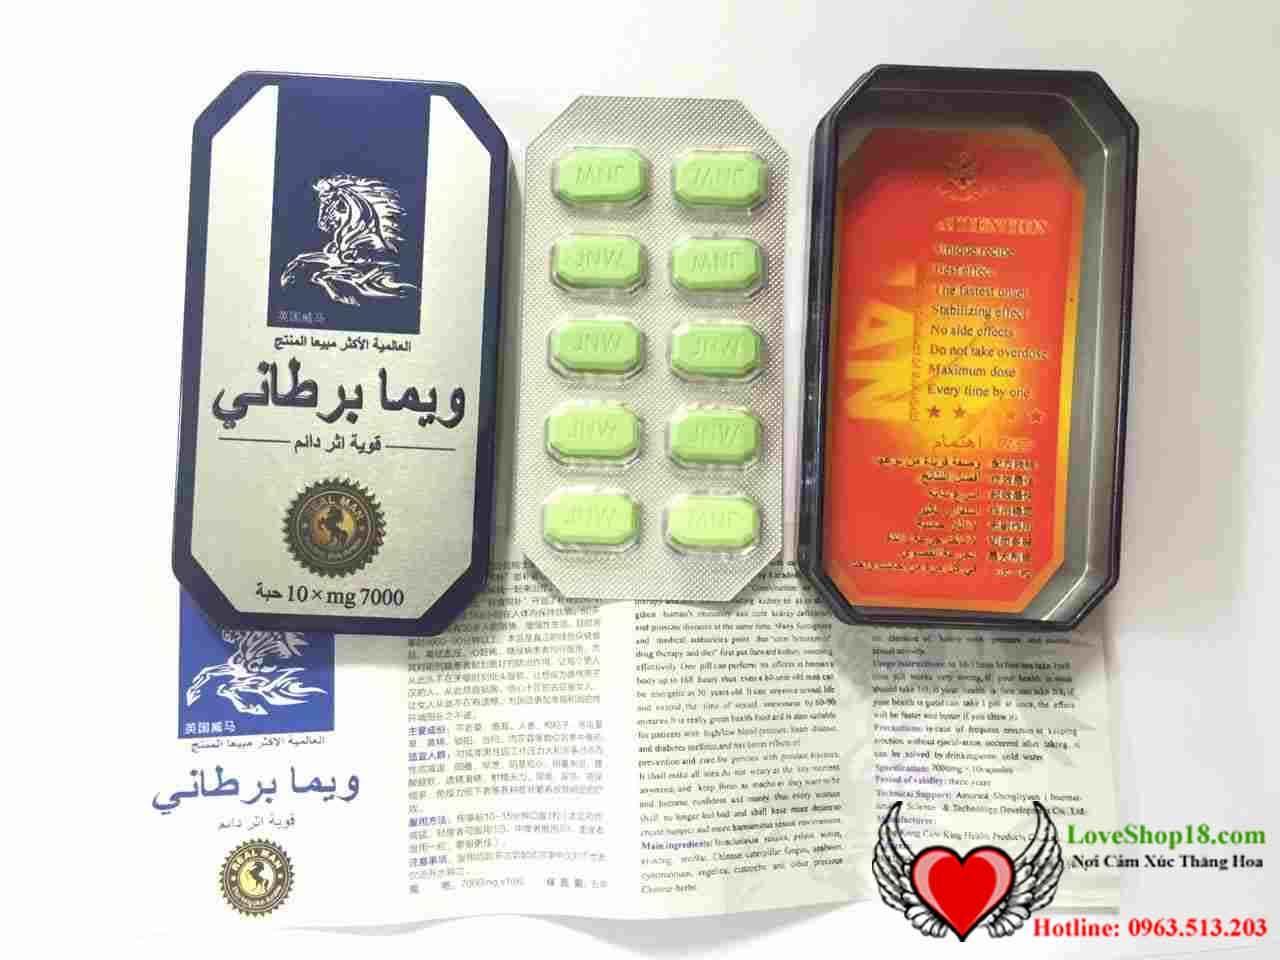 Thuốc Con Ngựa Thái 7000mg